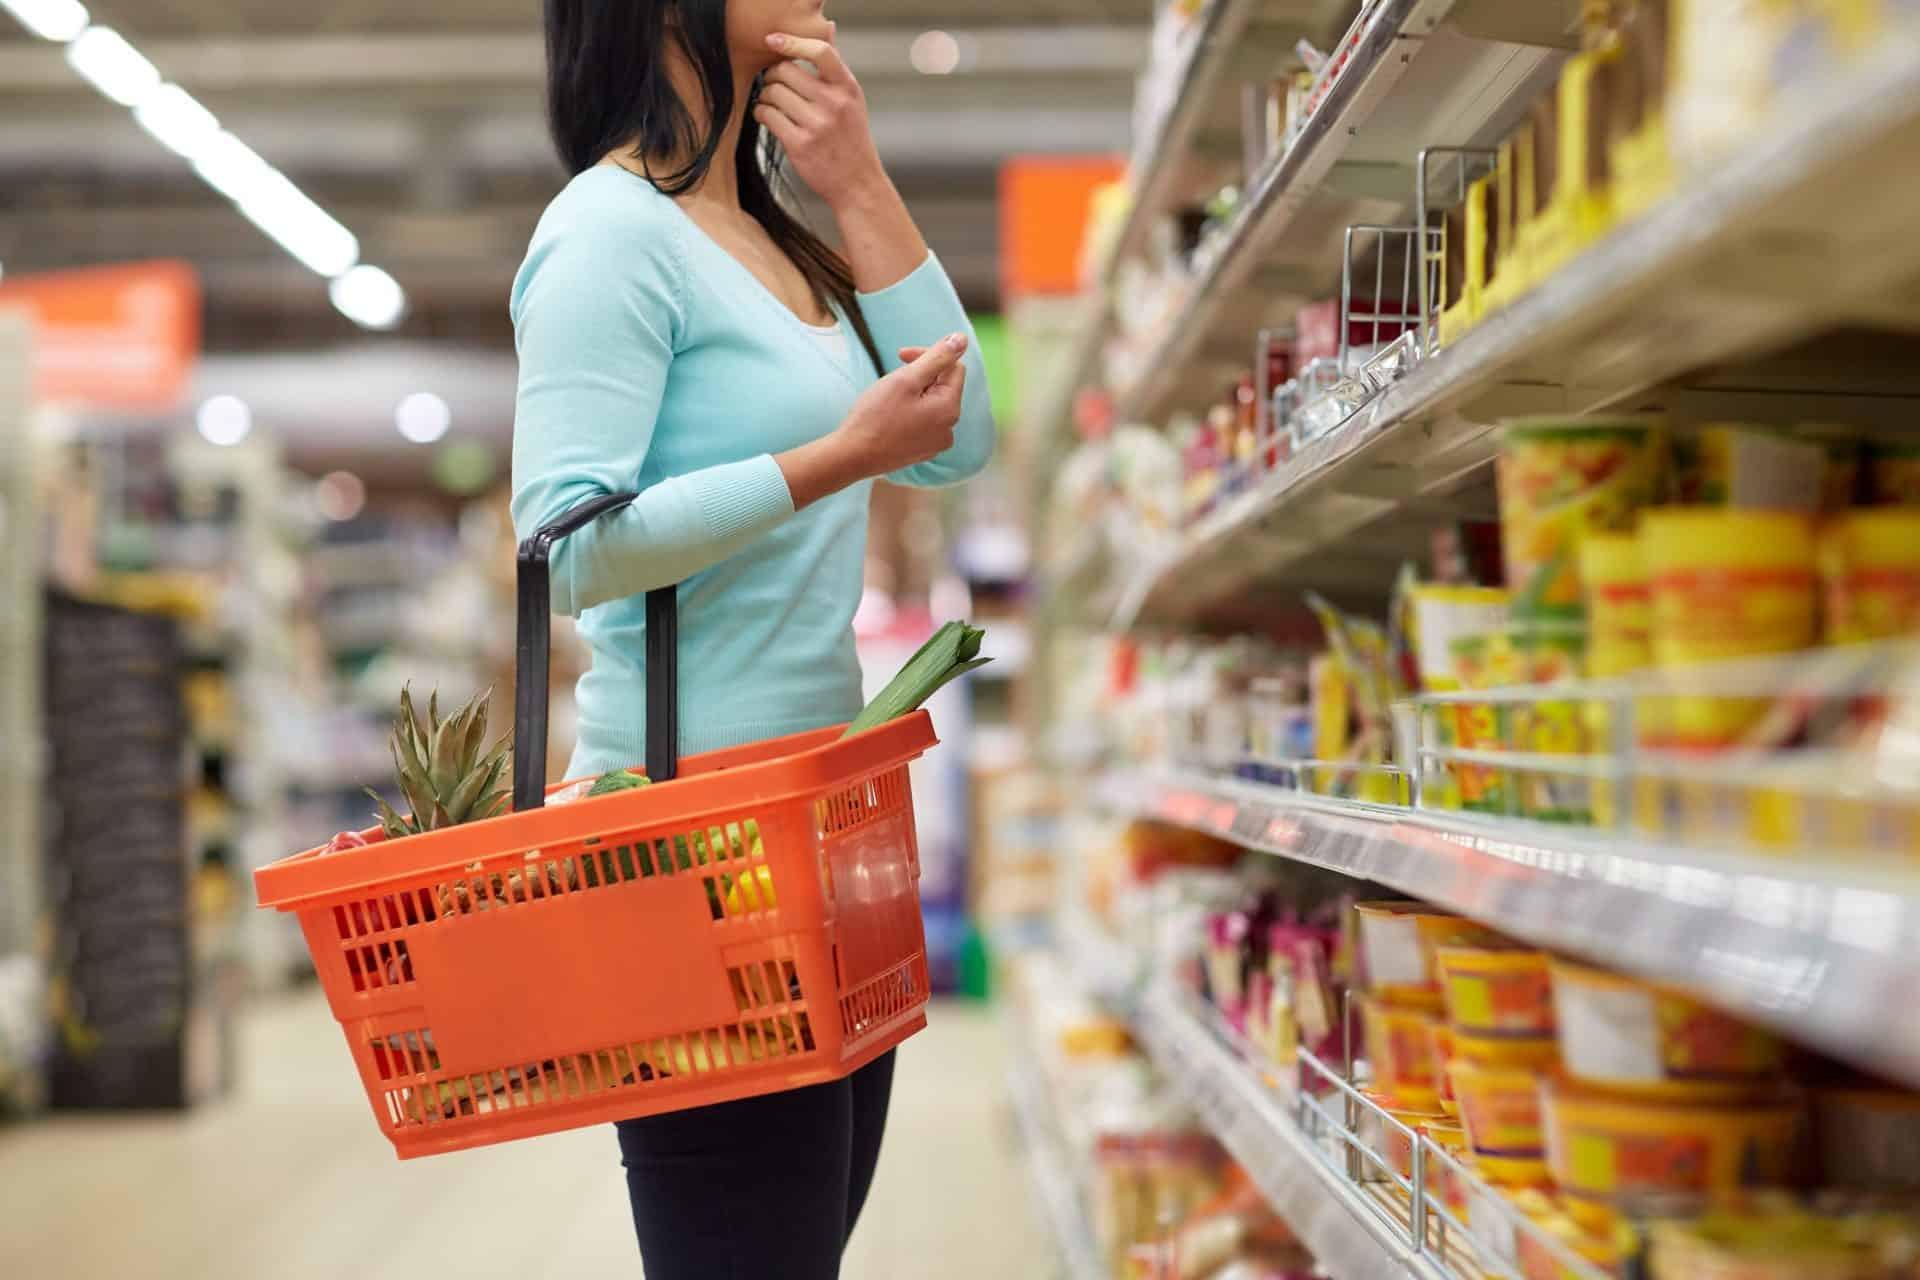 TÜİK verilerini unutun! İşte market sepetlerindeki gerçek enflasyon!